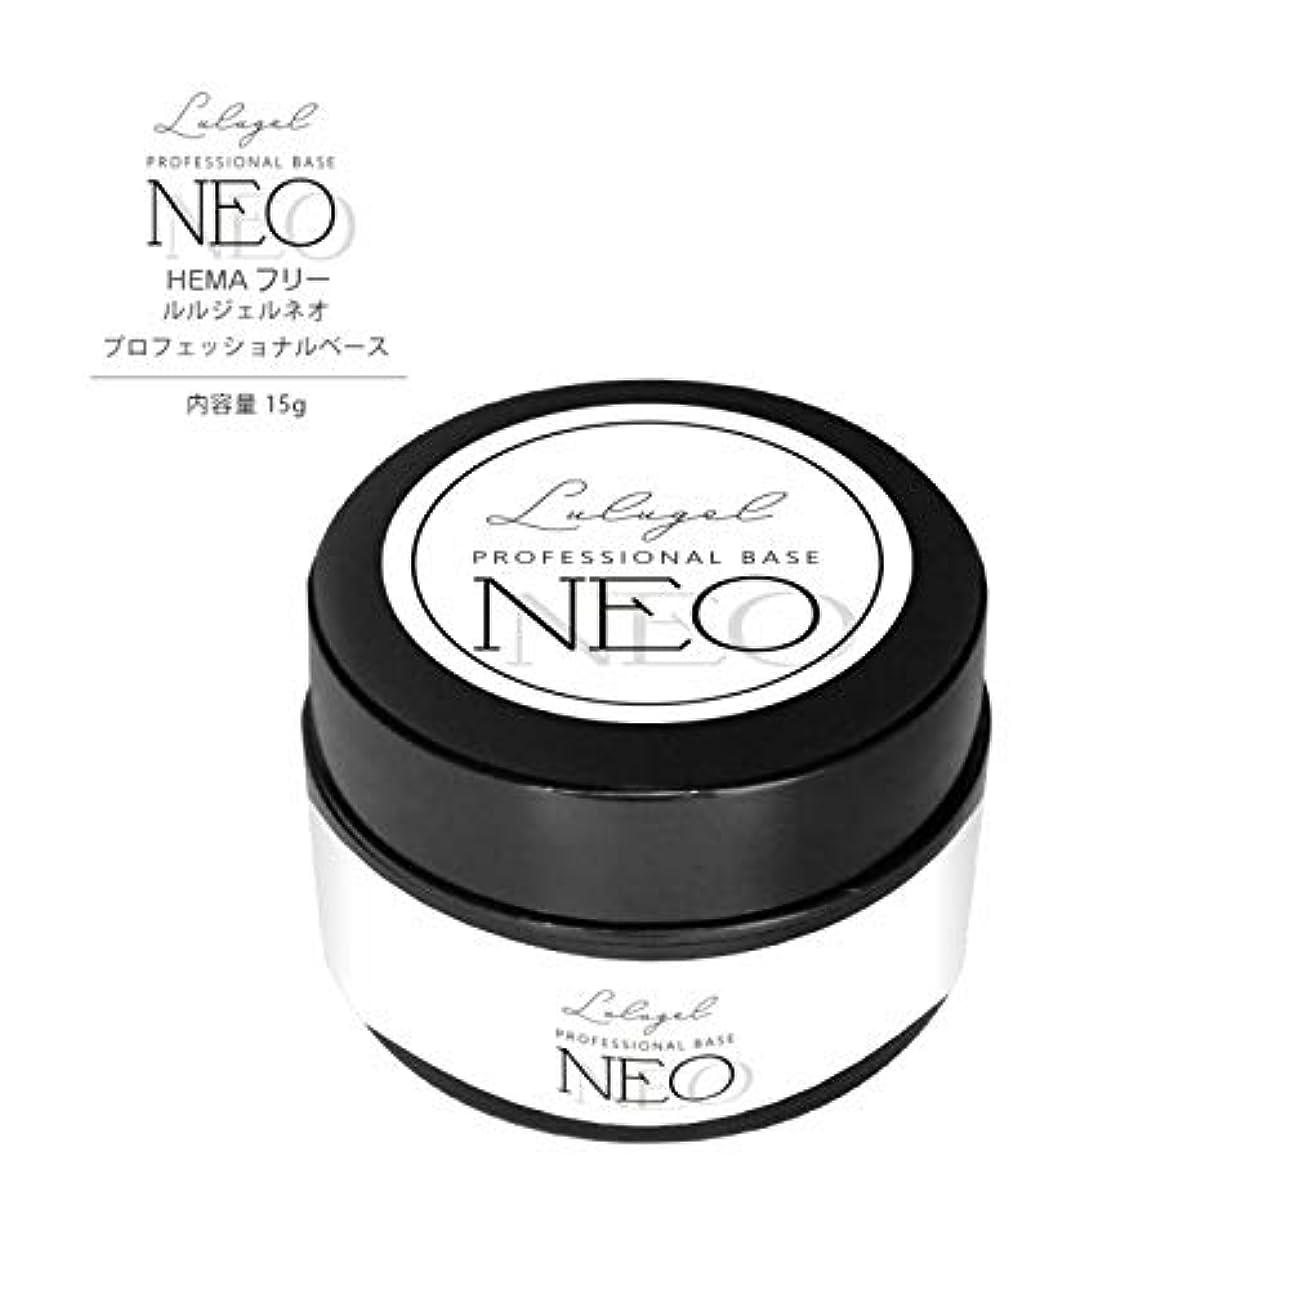 グラスのためにプランテーション最新 ジェルネイル LULUGEL NEO プロフェッショナル ベース 15g 爪用化粧料